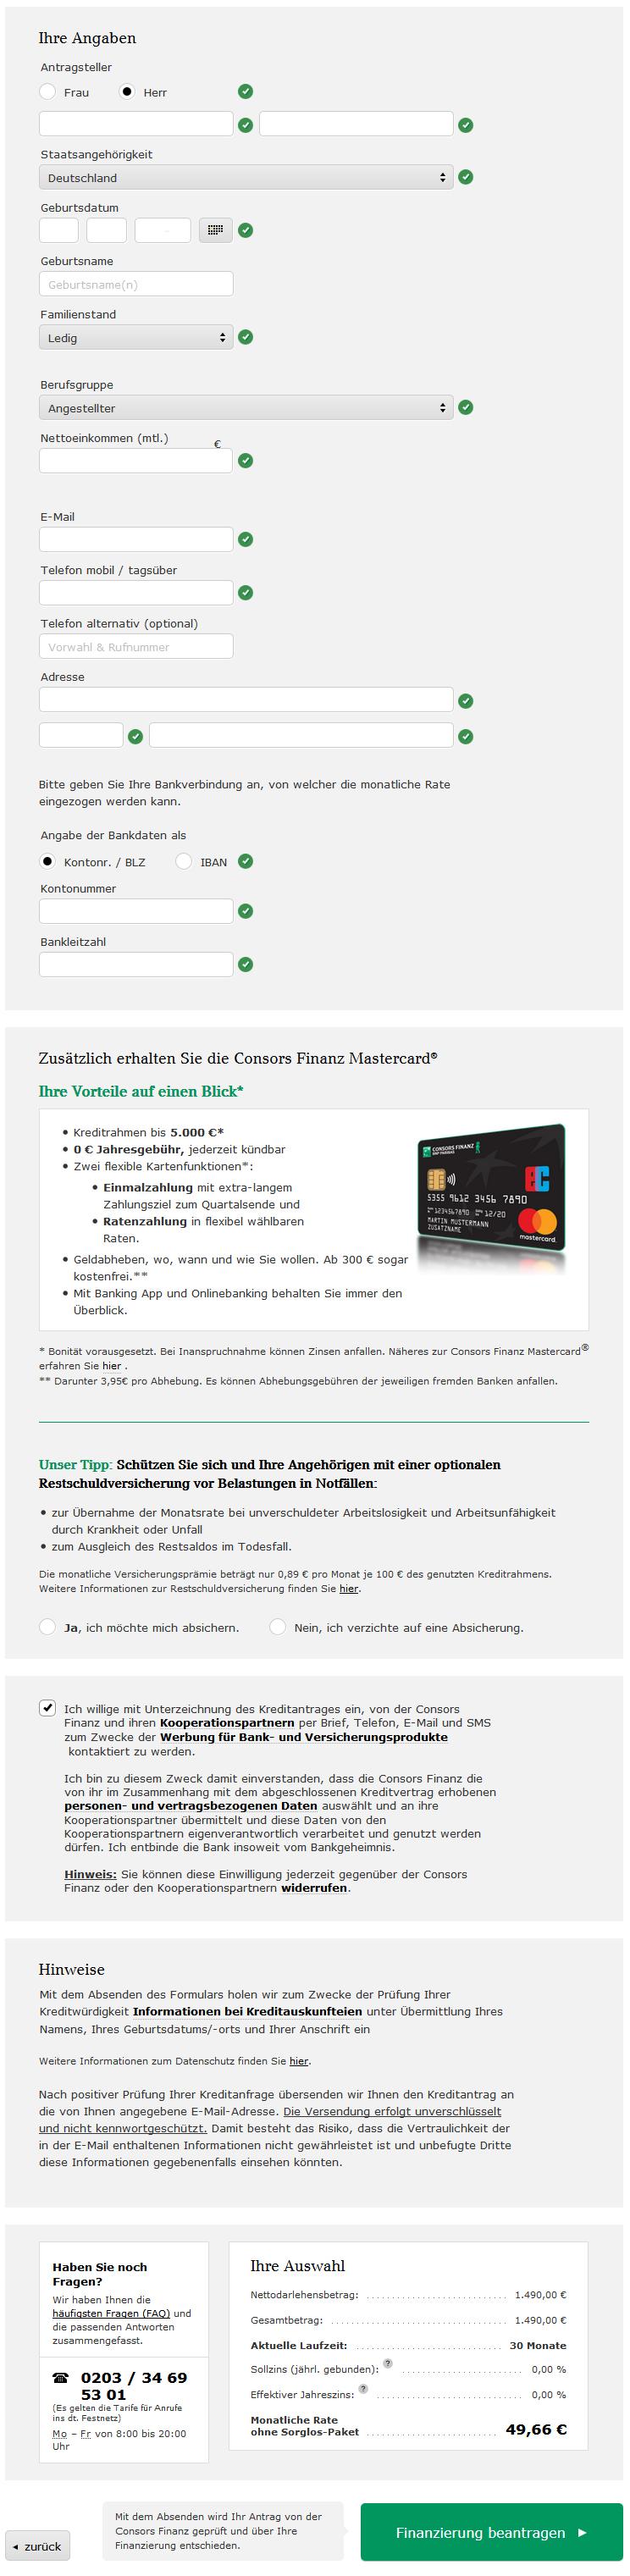 consors finanz mastercard kündigen